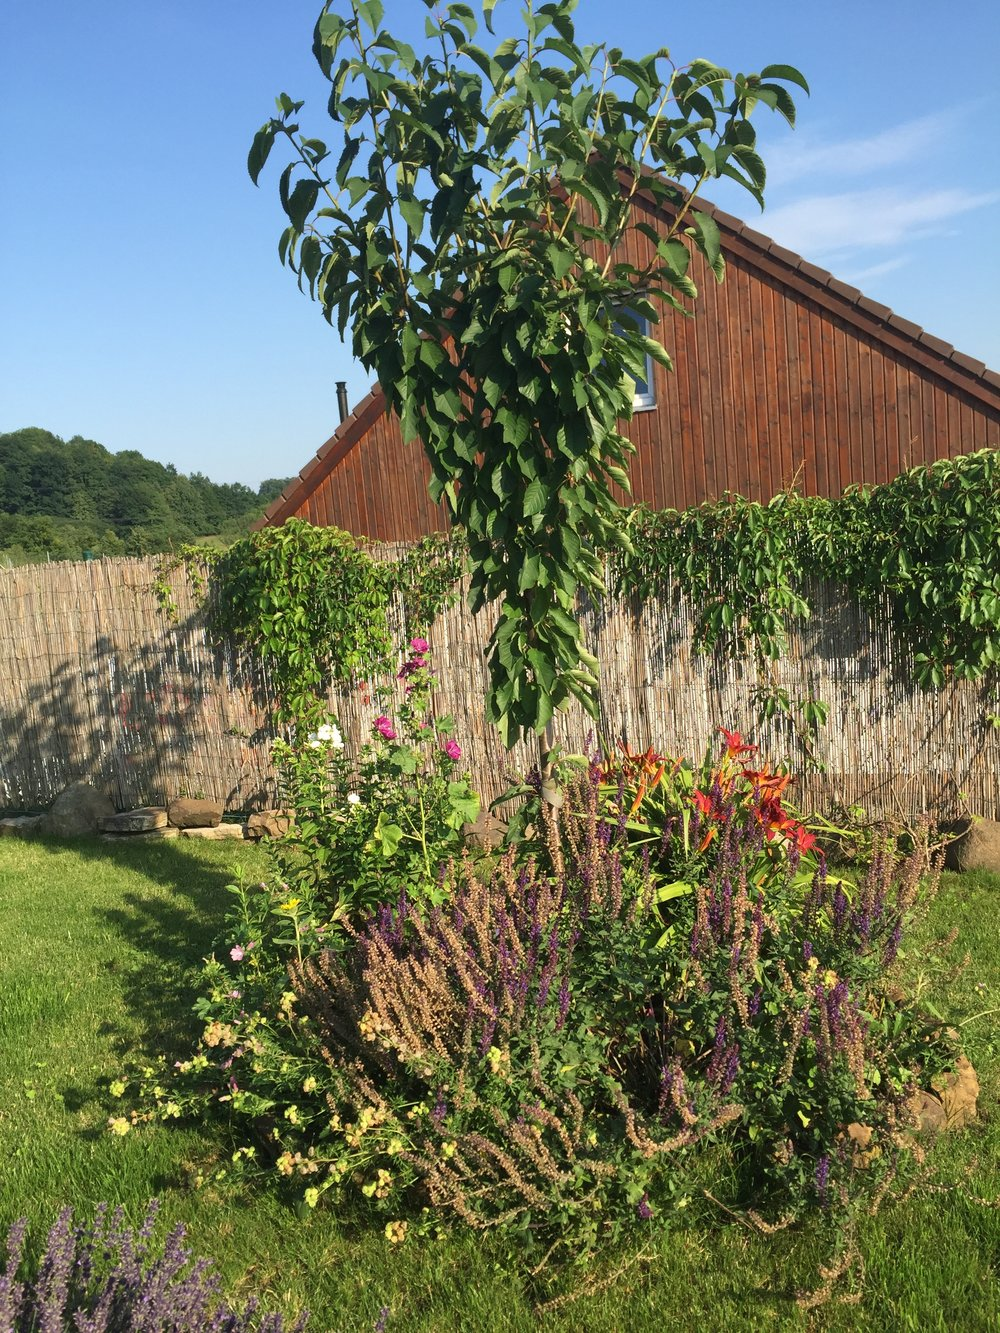 mladá třešeň s podsadbou trvalek